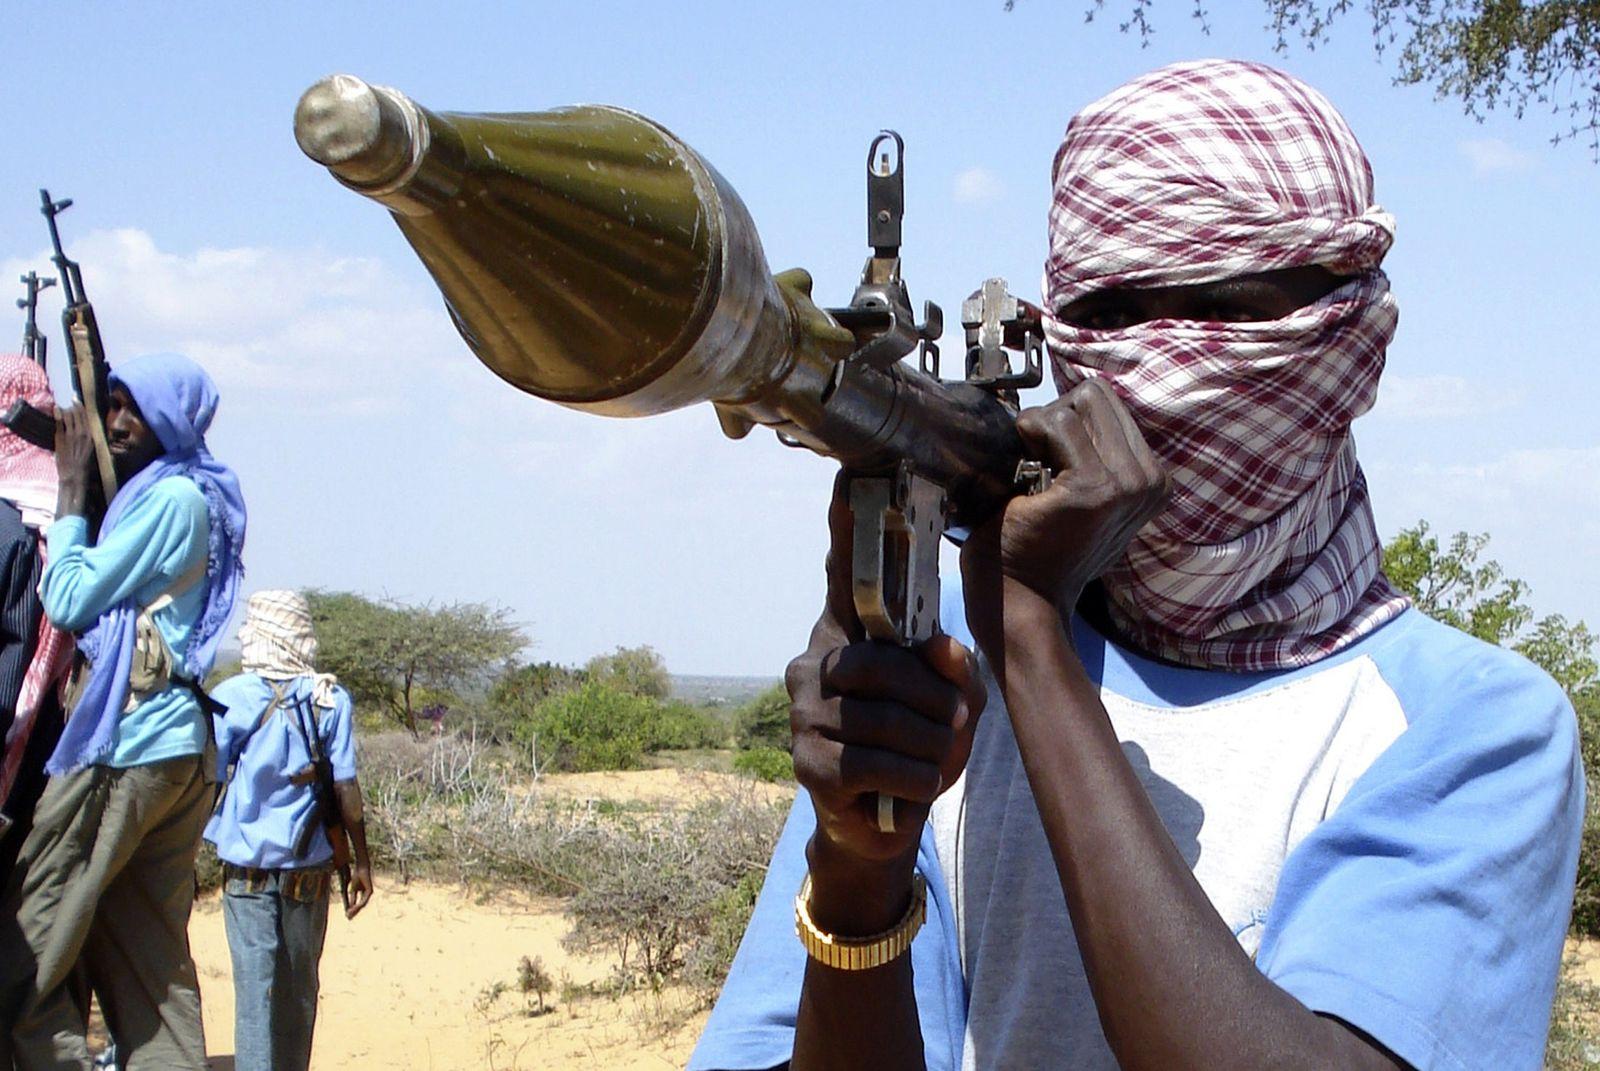 Aufständischer Somalia mit Panzerfaust